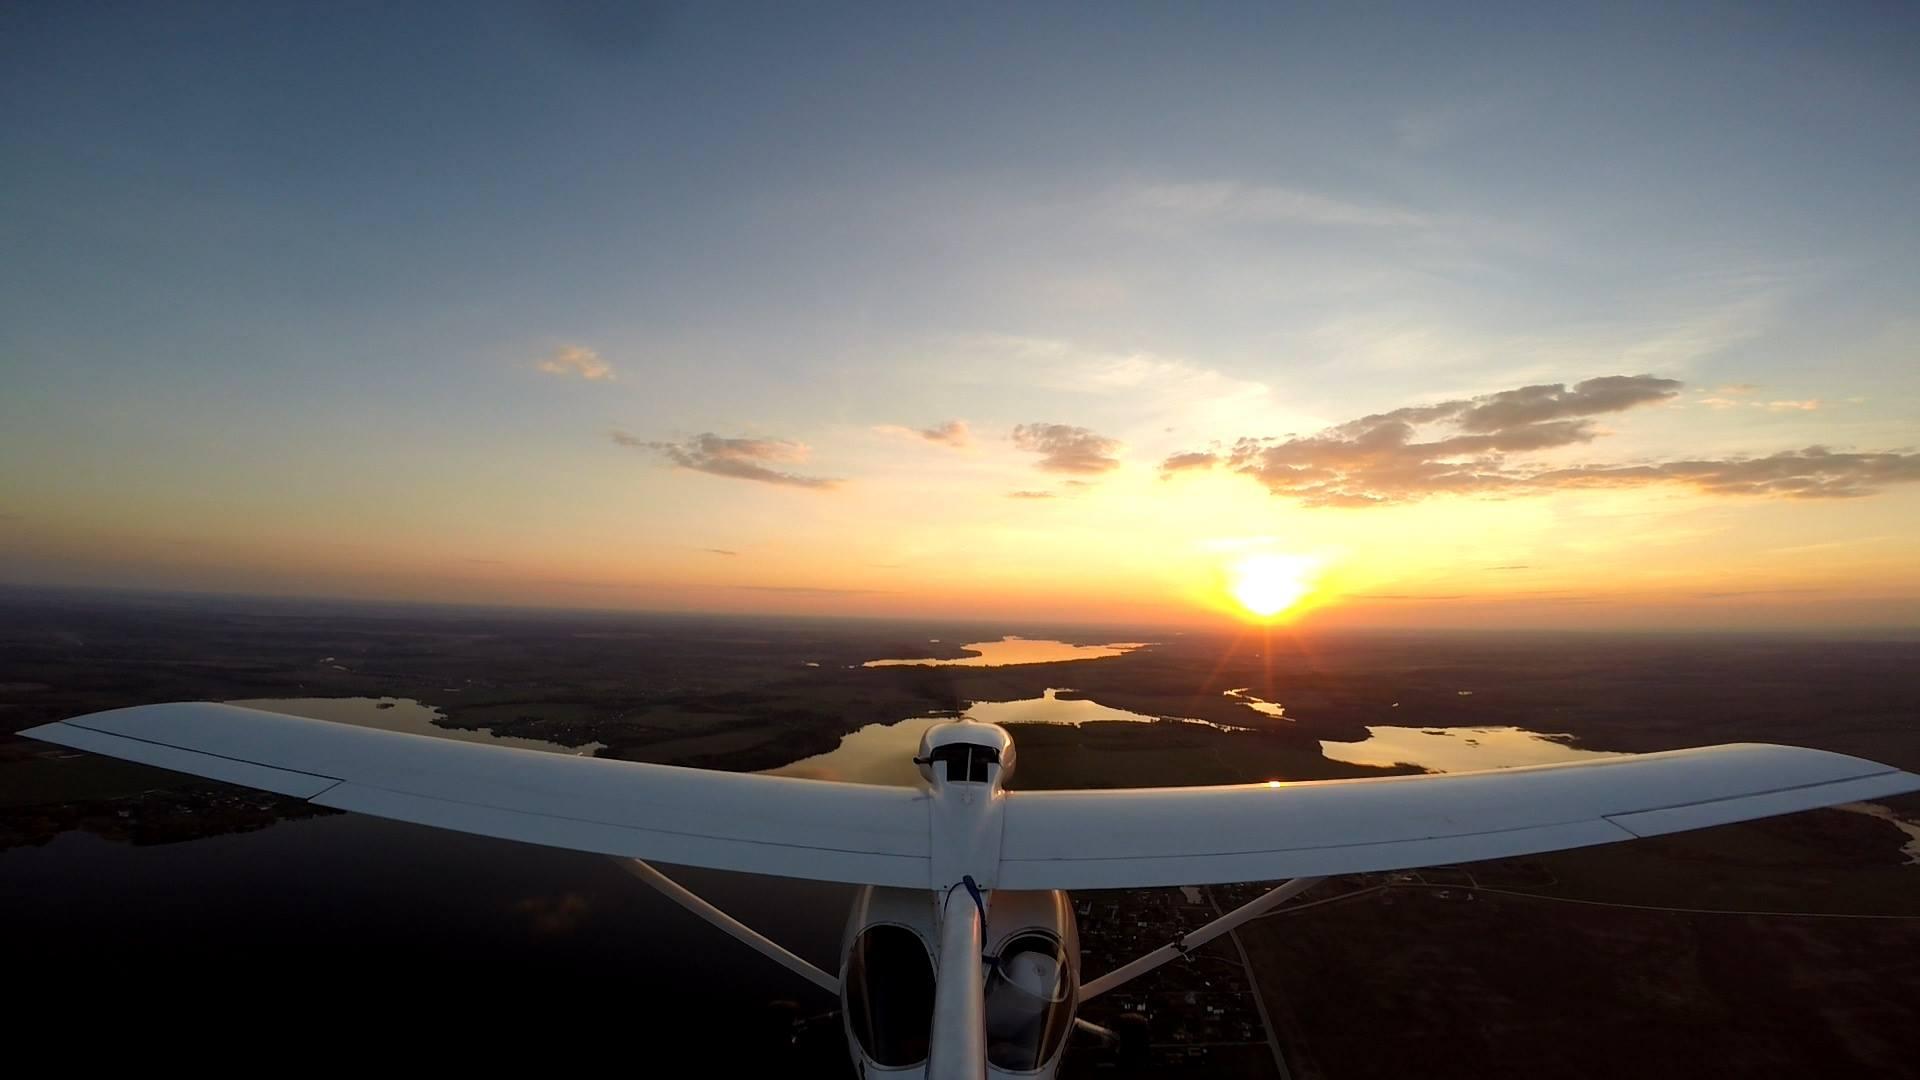 Фото полёта с хвоста самолёта